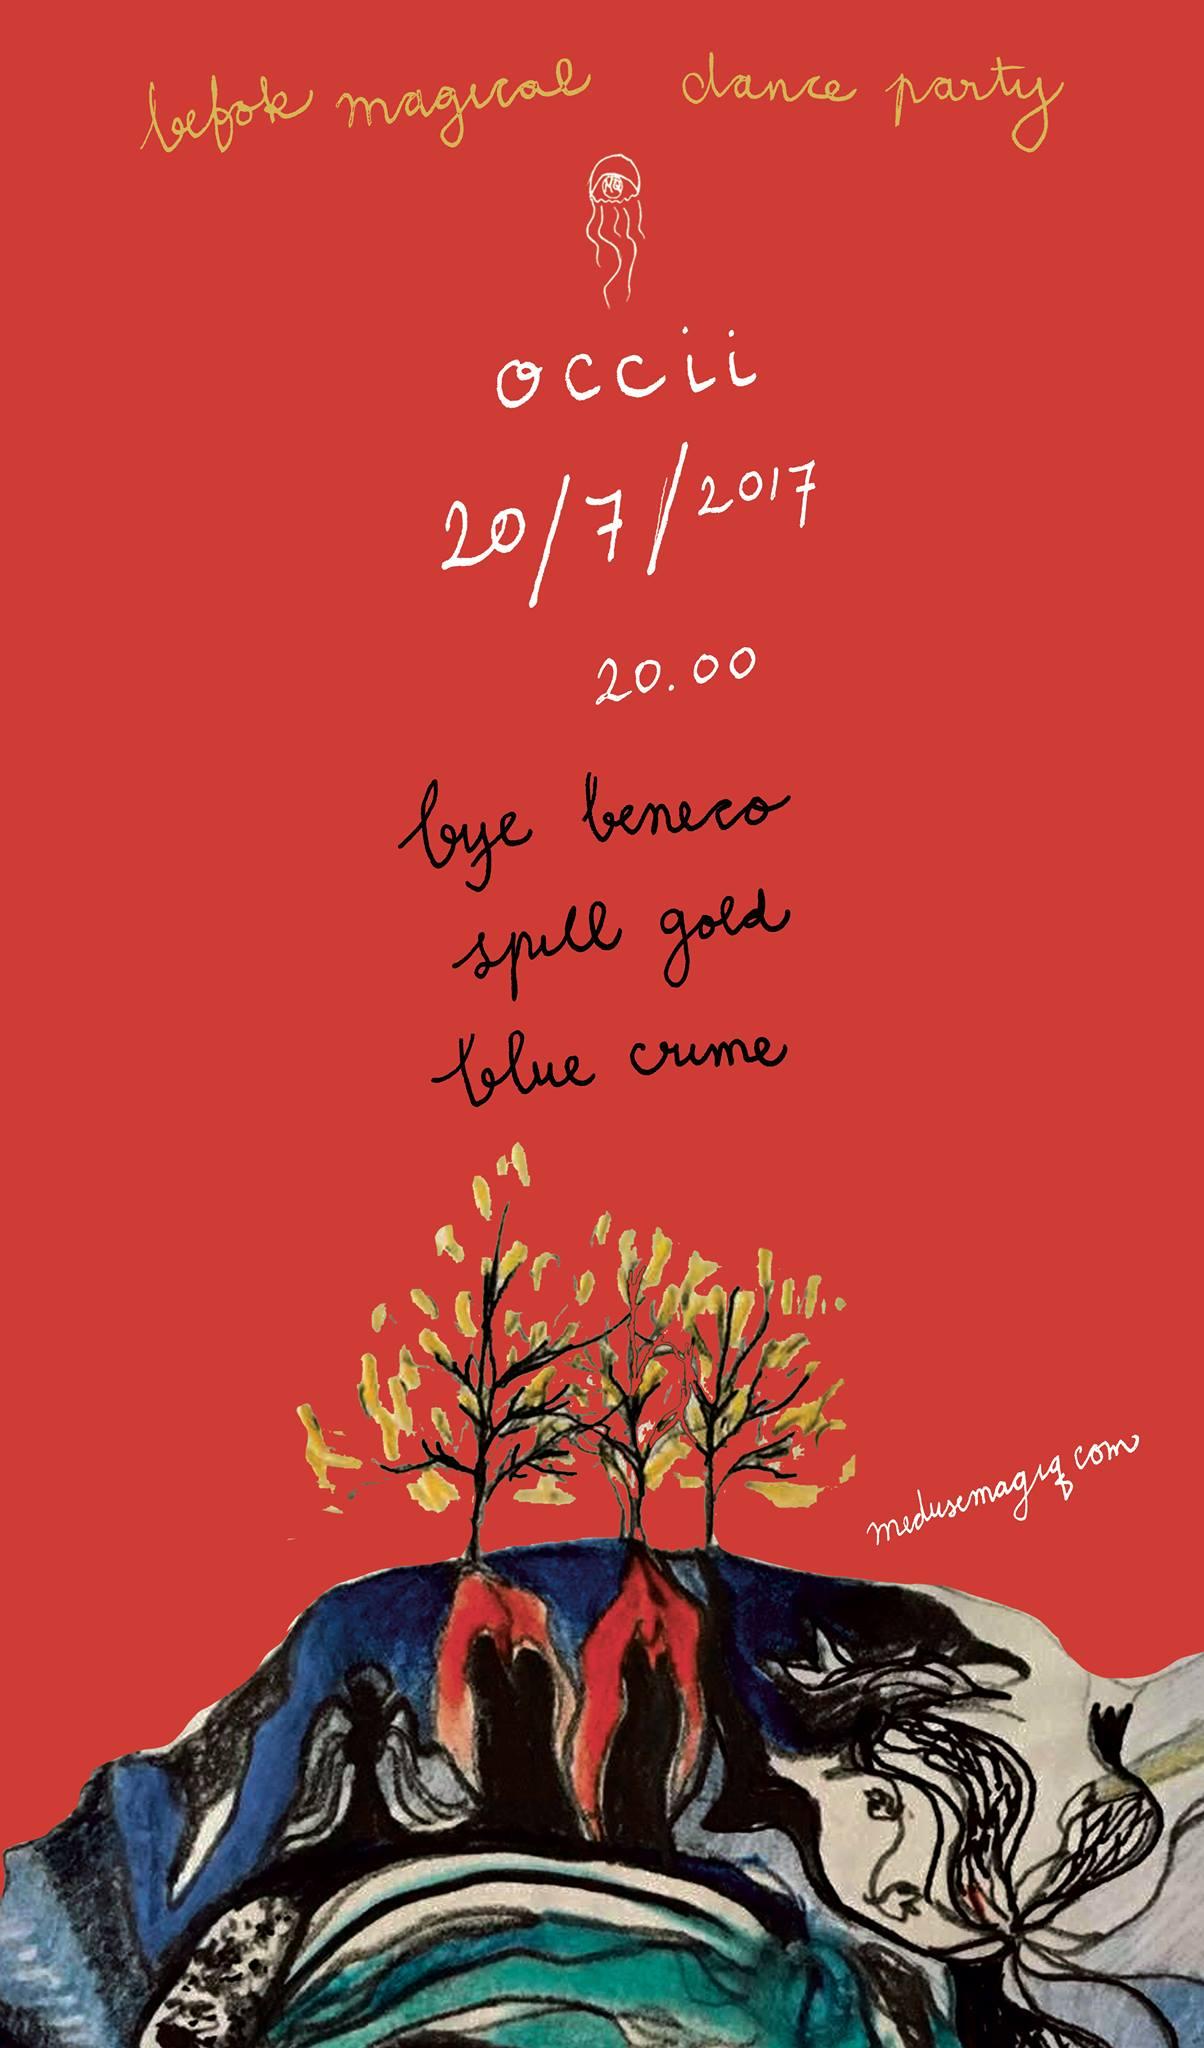 Meduse MagiQ w/ BYE BENECO (Johannesburg, ZA) + SPILL GOLD + BLEU CRIME + Dj Ciao Beneco & DJ the Stranger